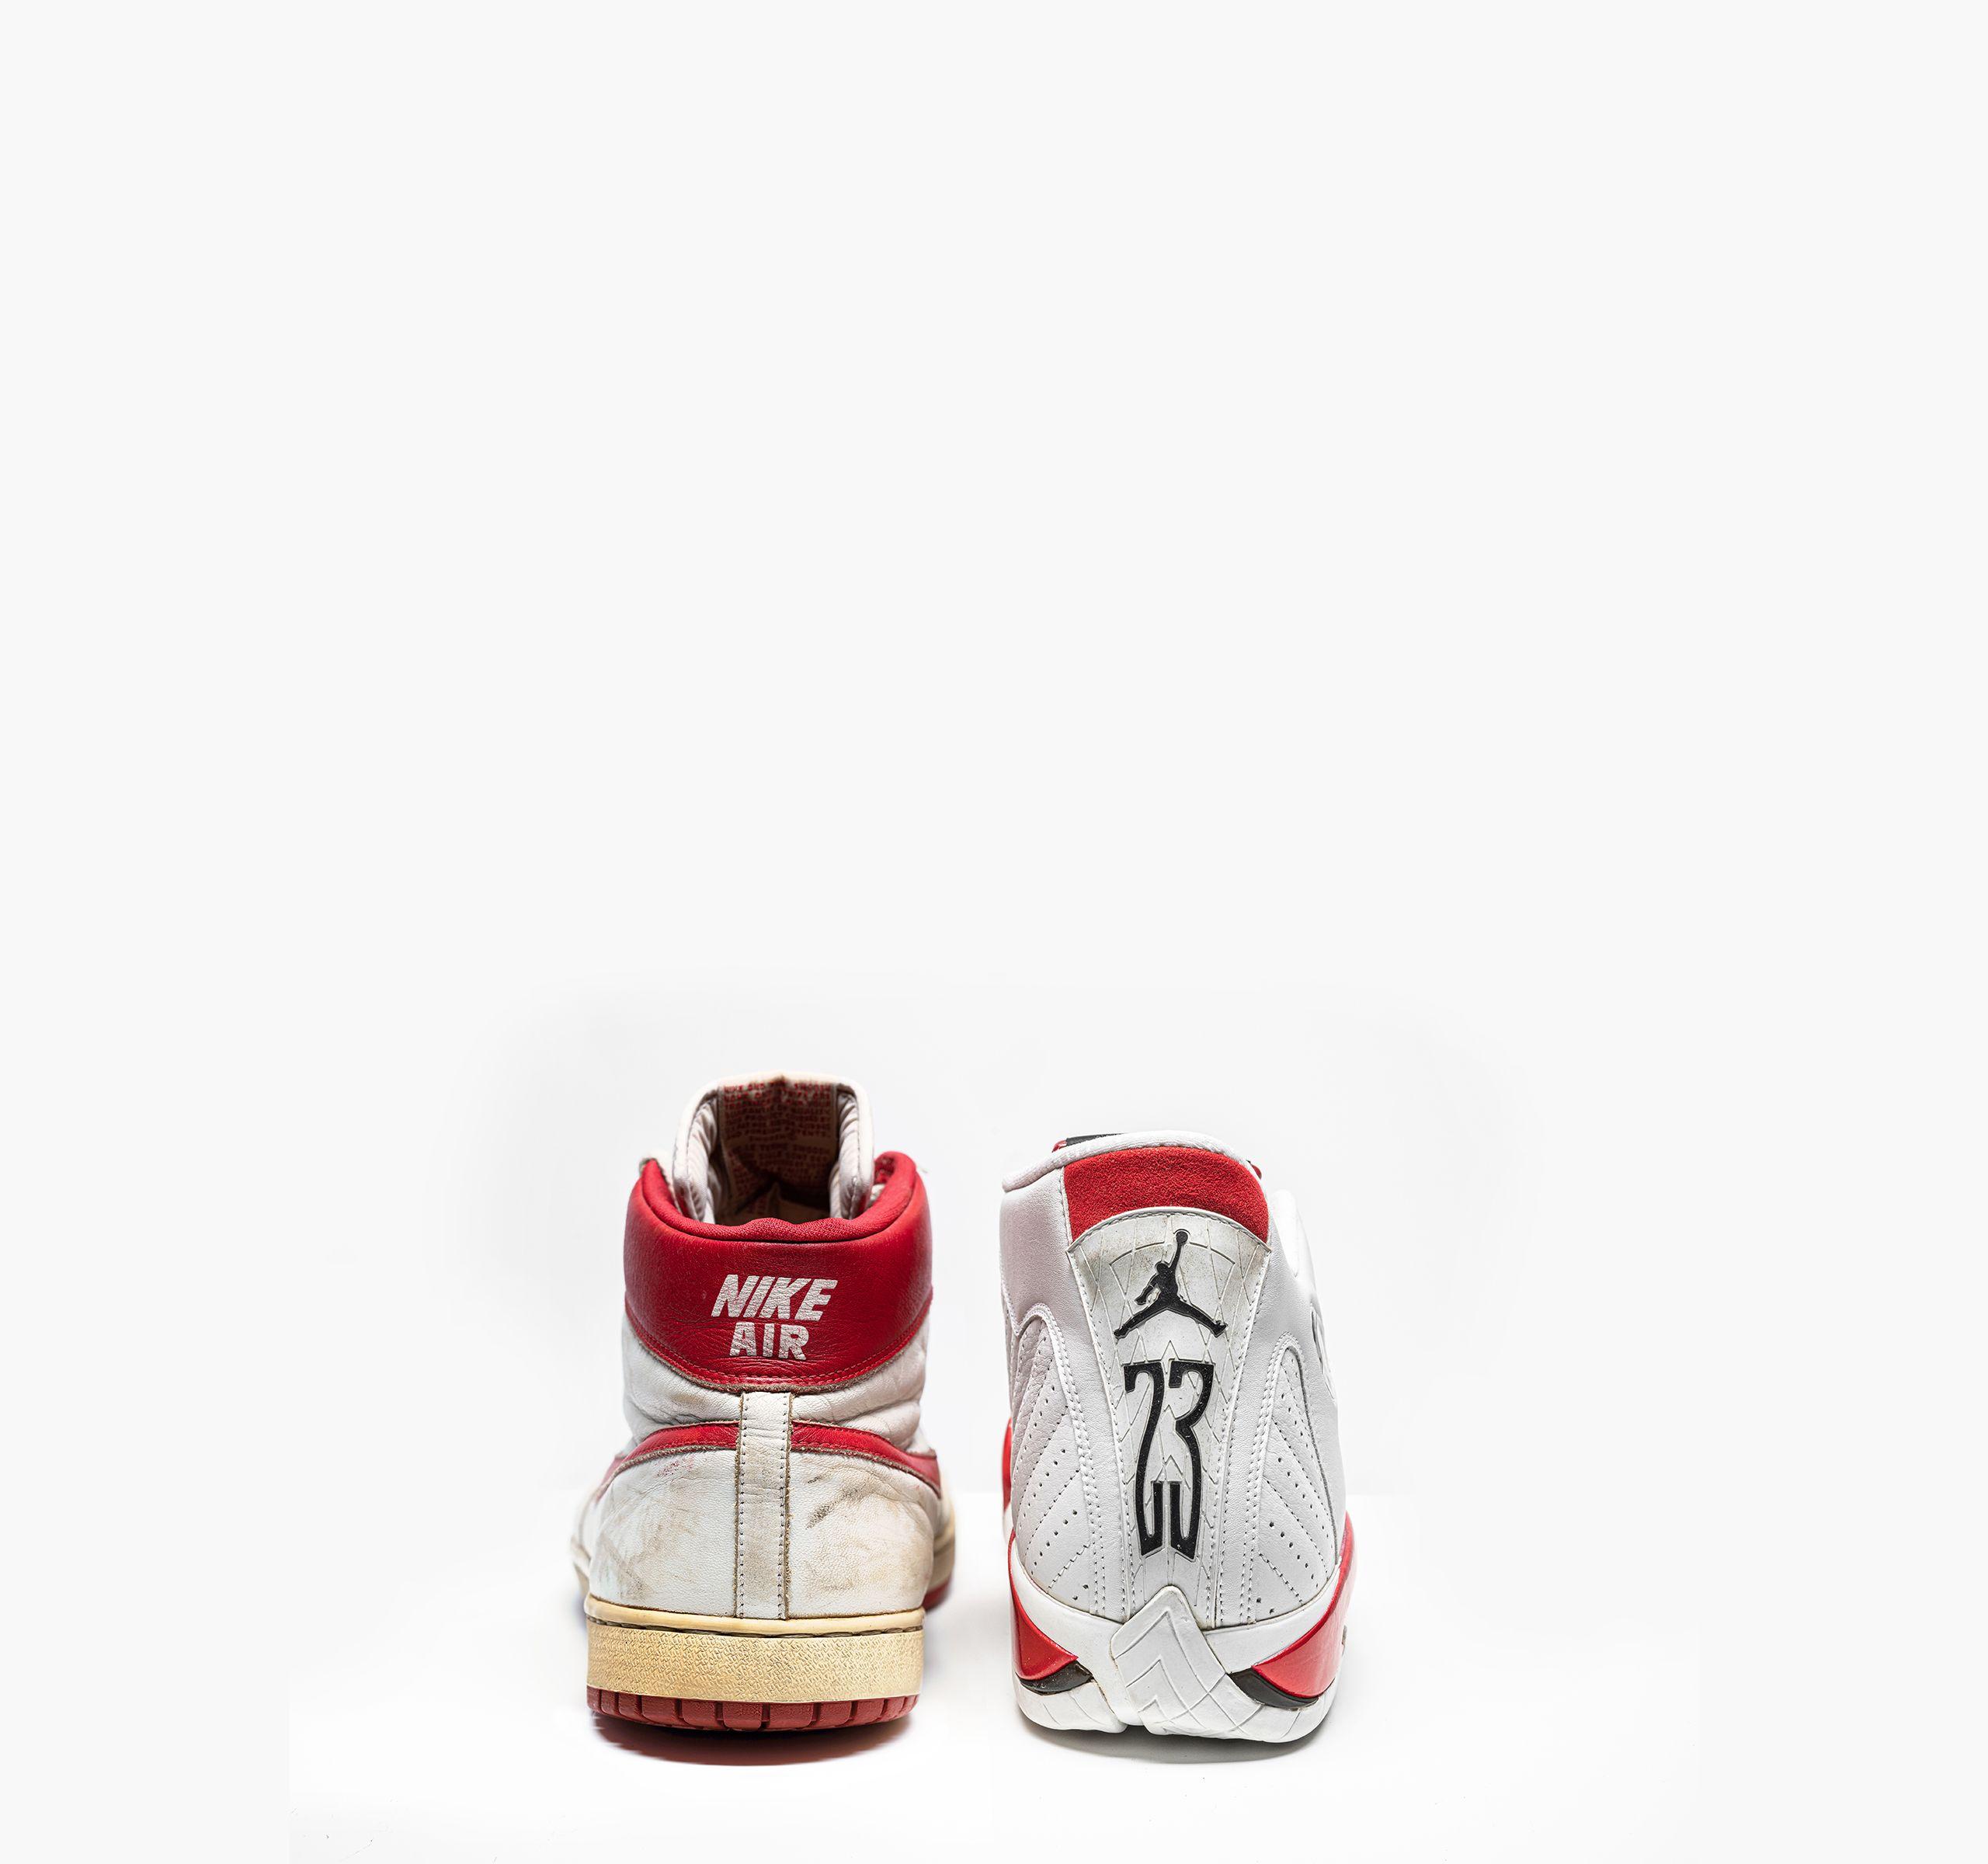 michael jordan high top sneakers